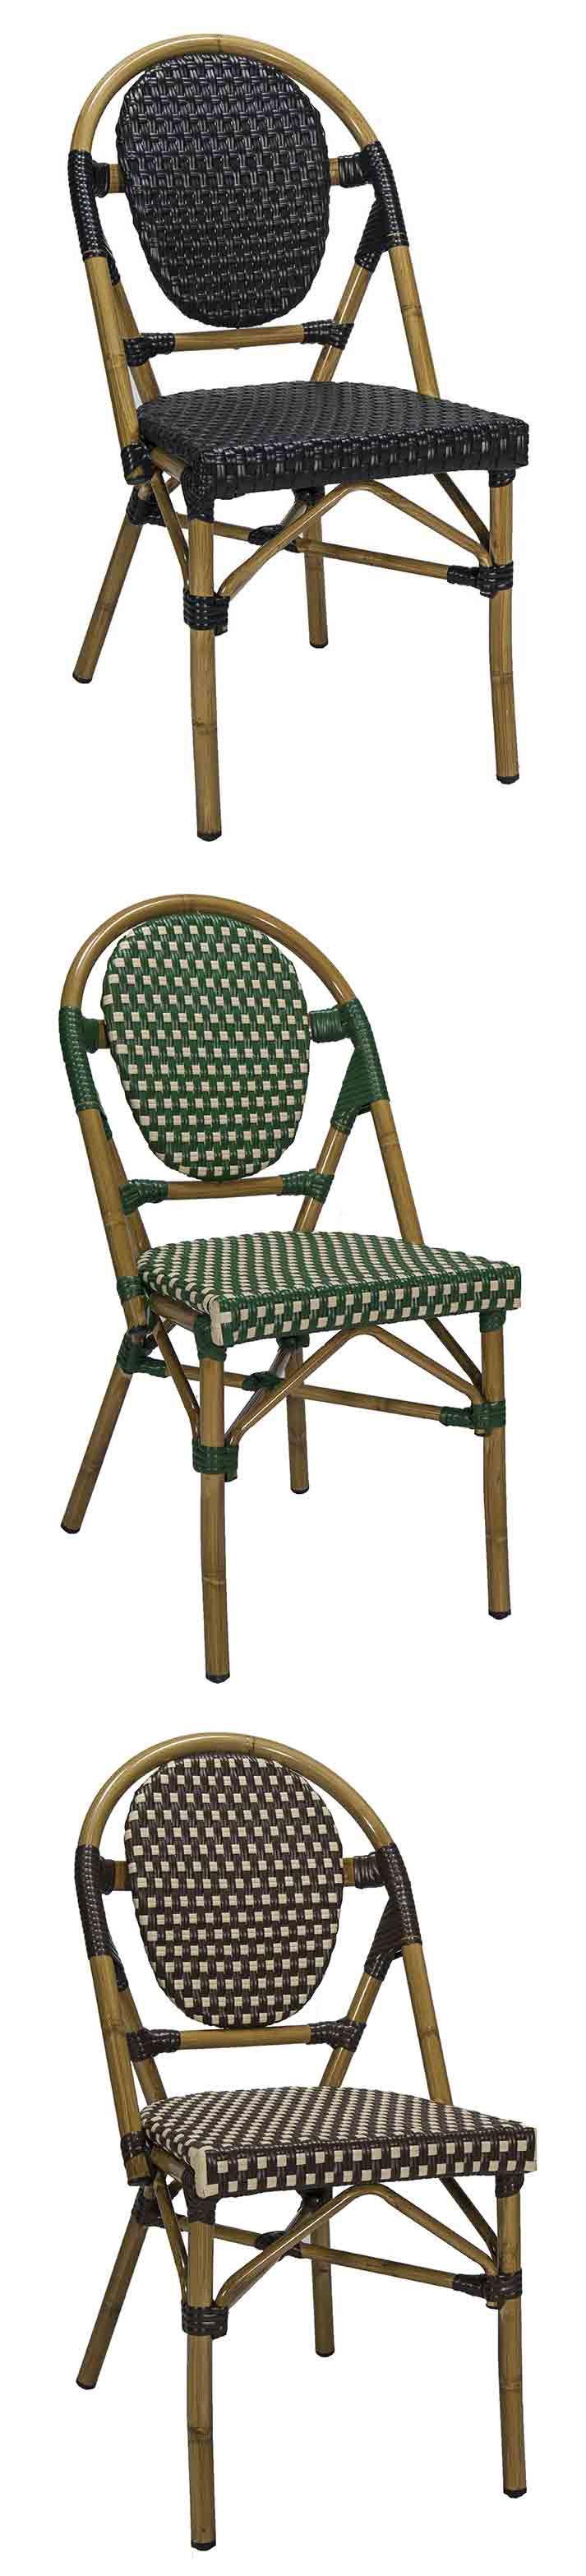 39 best Muebles de jardín images on Pinterest | Decks, Chairs and ...